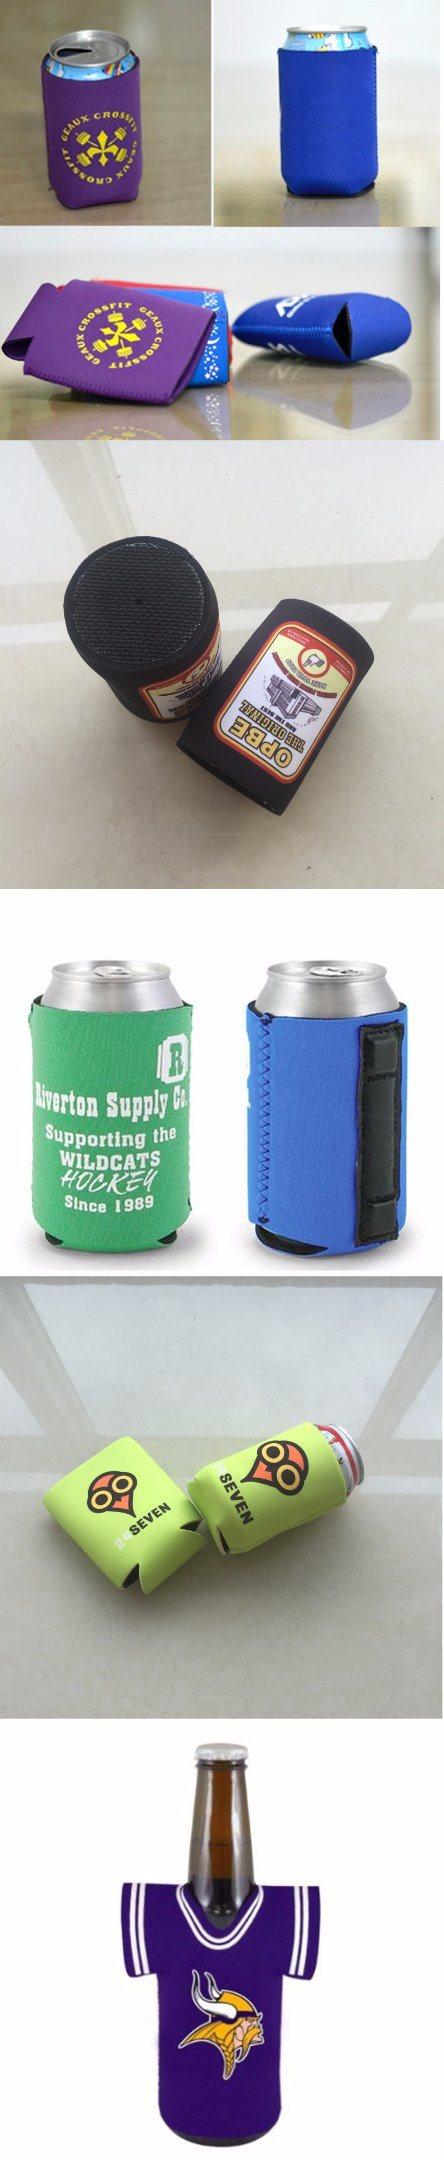 130*105*3mm Custom Neoprene Koozie Stubby Holder Beer Can Cooler